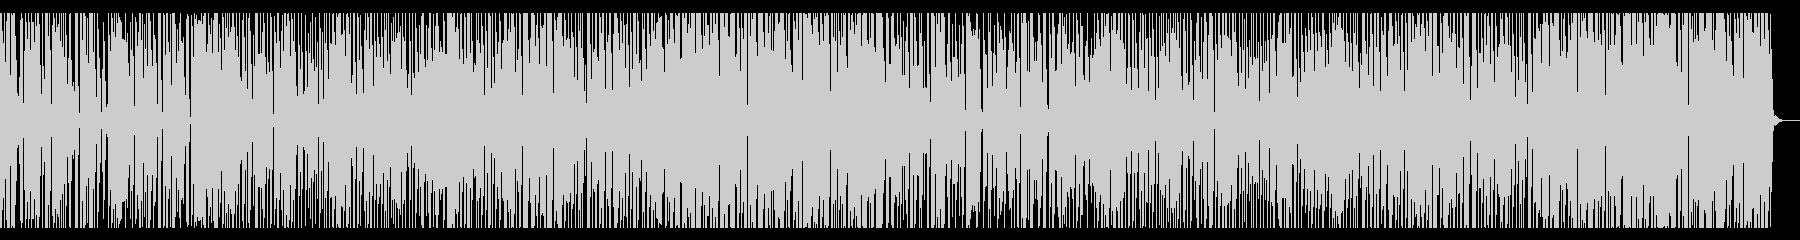 優しく寂しい雰囲気のBGMの未再生の波形